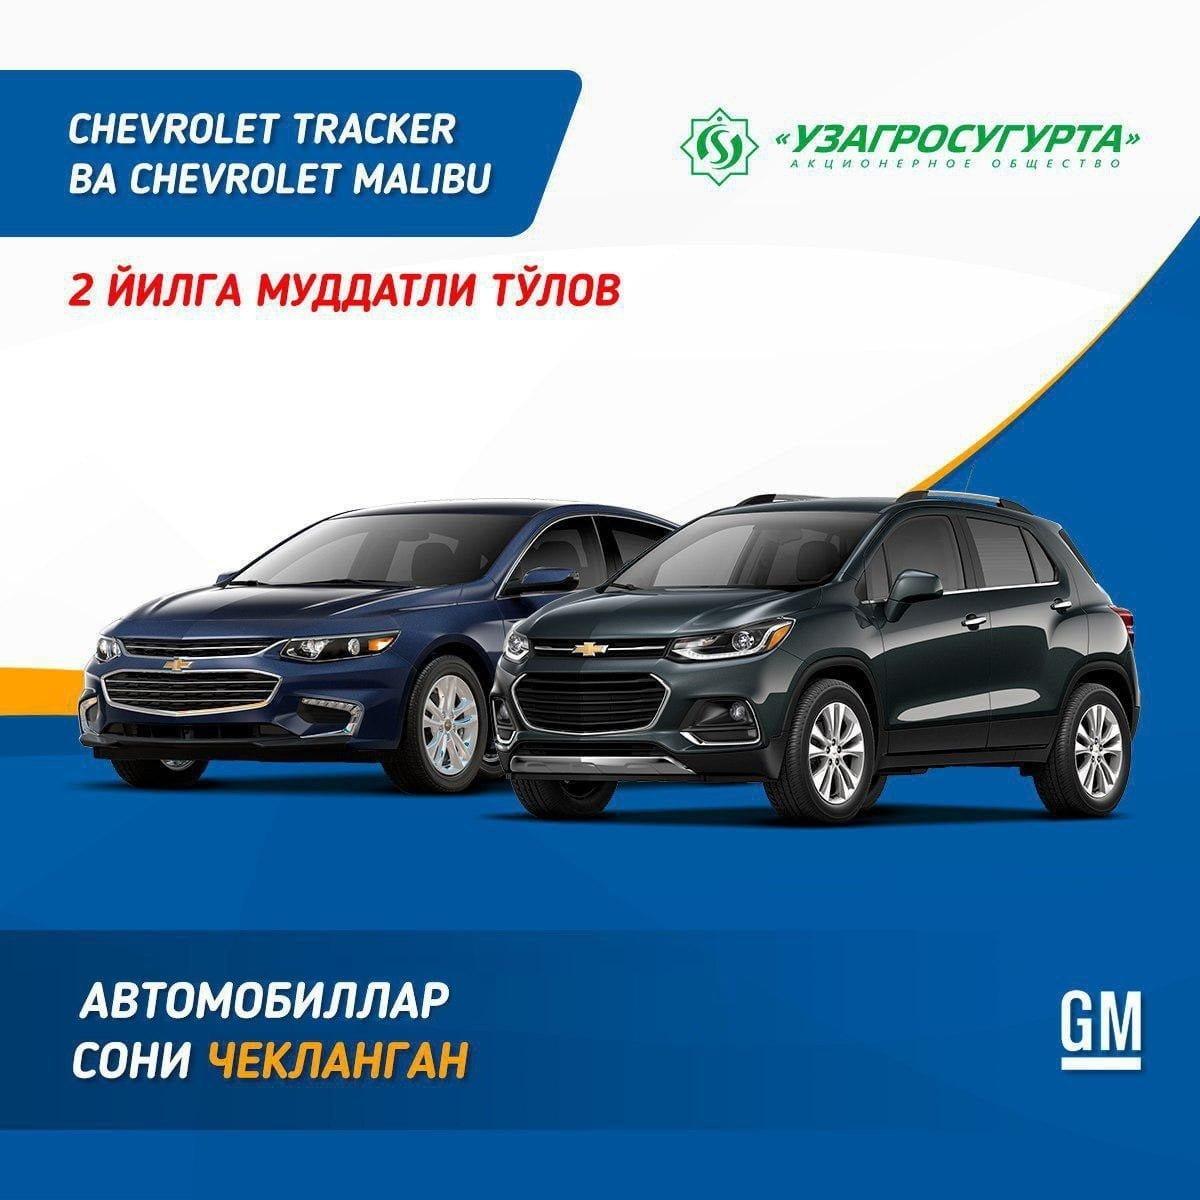 GM Uzbekistan предлагает купить Tracker и Malibu в рассрочку на два года